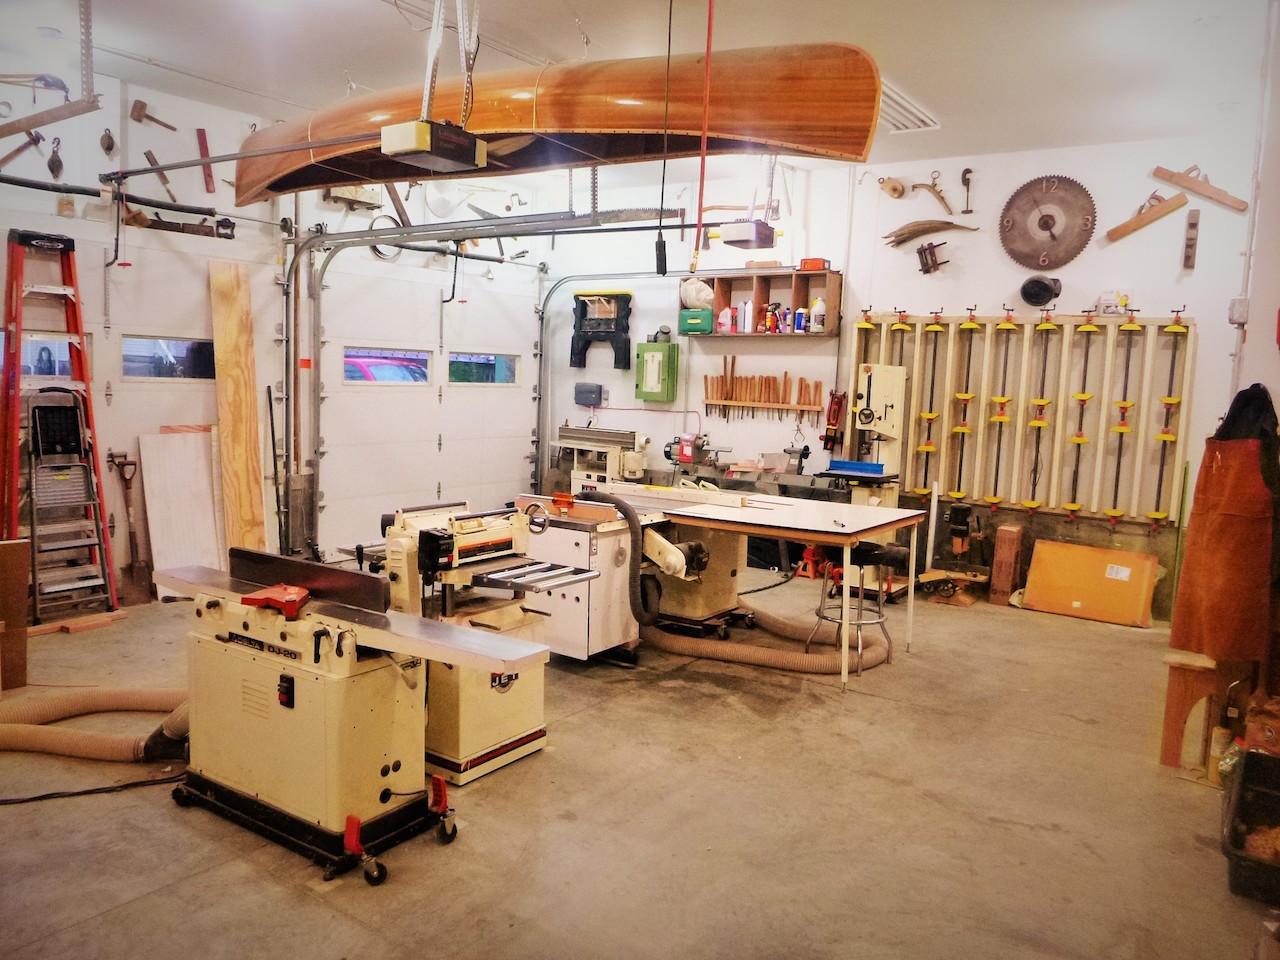 garrett's garage wood shop - the wood whisperer